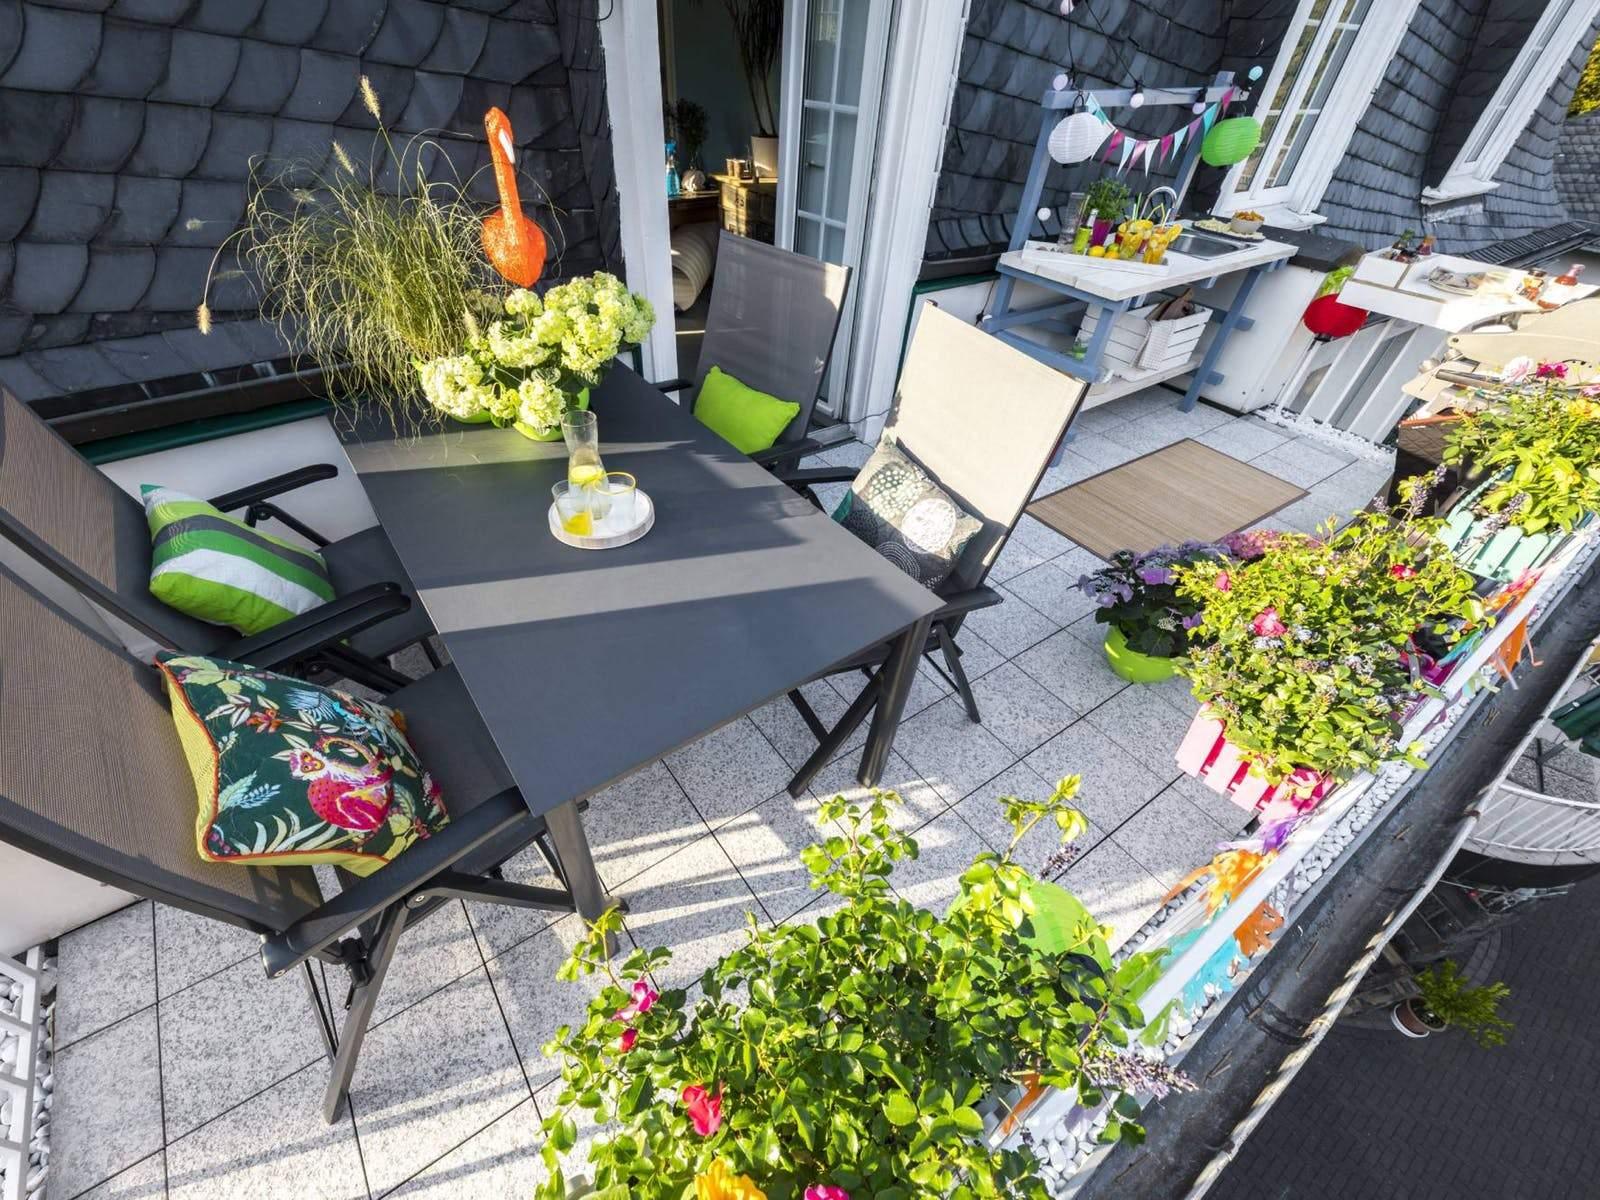 Garten Gestalten Mit Wenig Geld Neu Balkon Schnell Und Günstig Verschönern – 6 Tipps